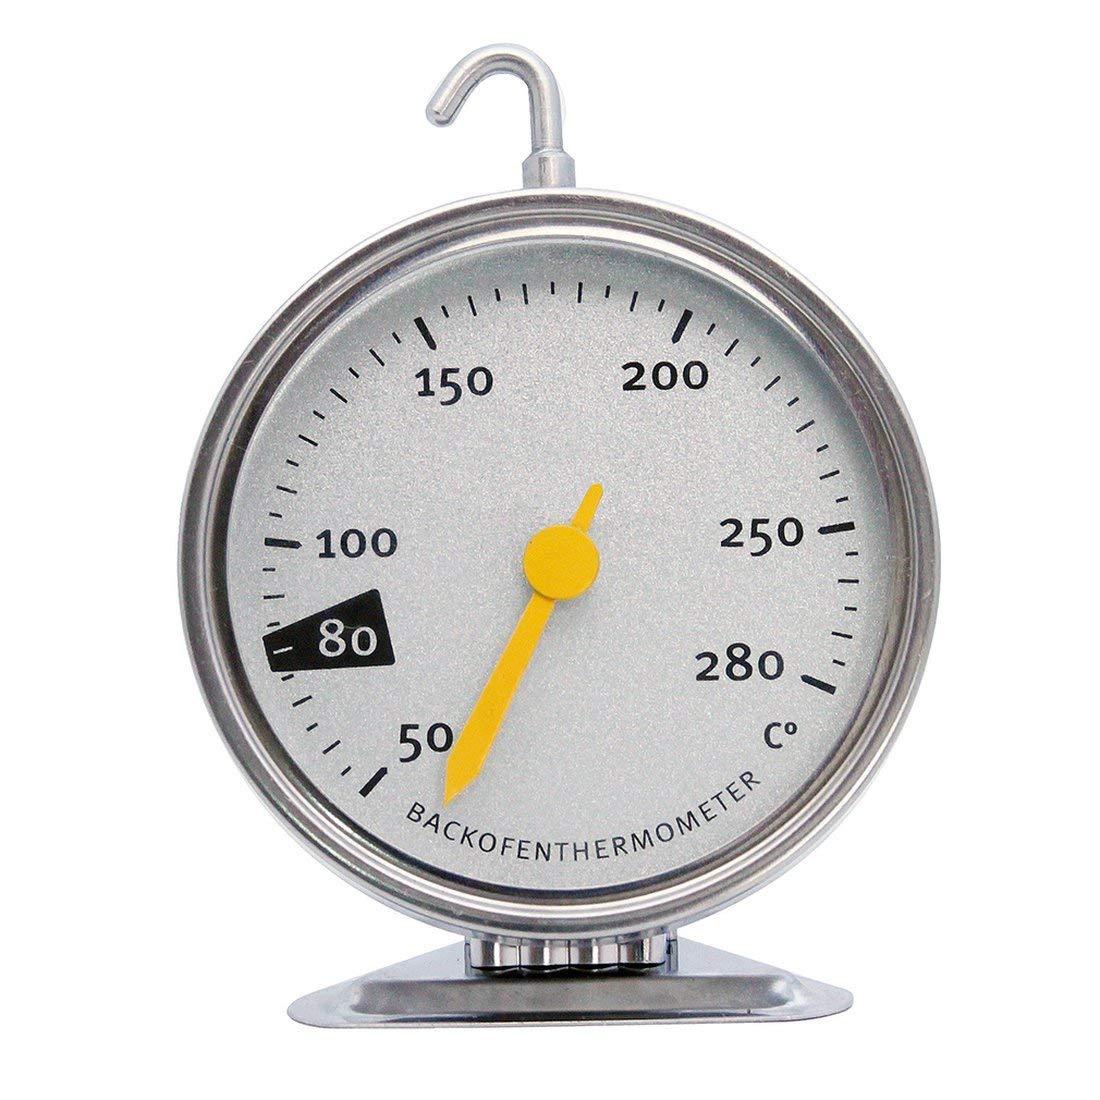 Compra vbncvbfghfgh Termómetro para Horno de Acero Inoxidable con ...